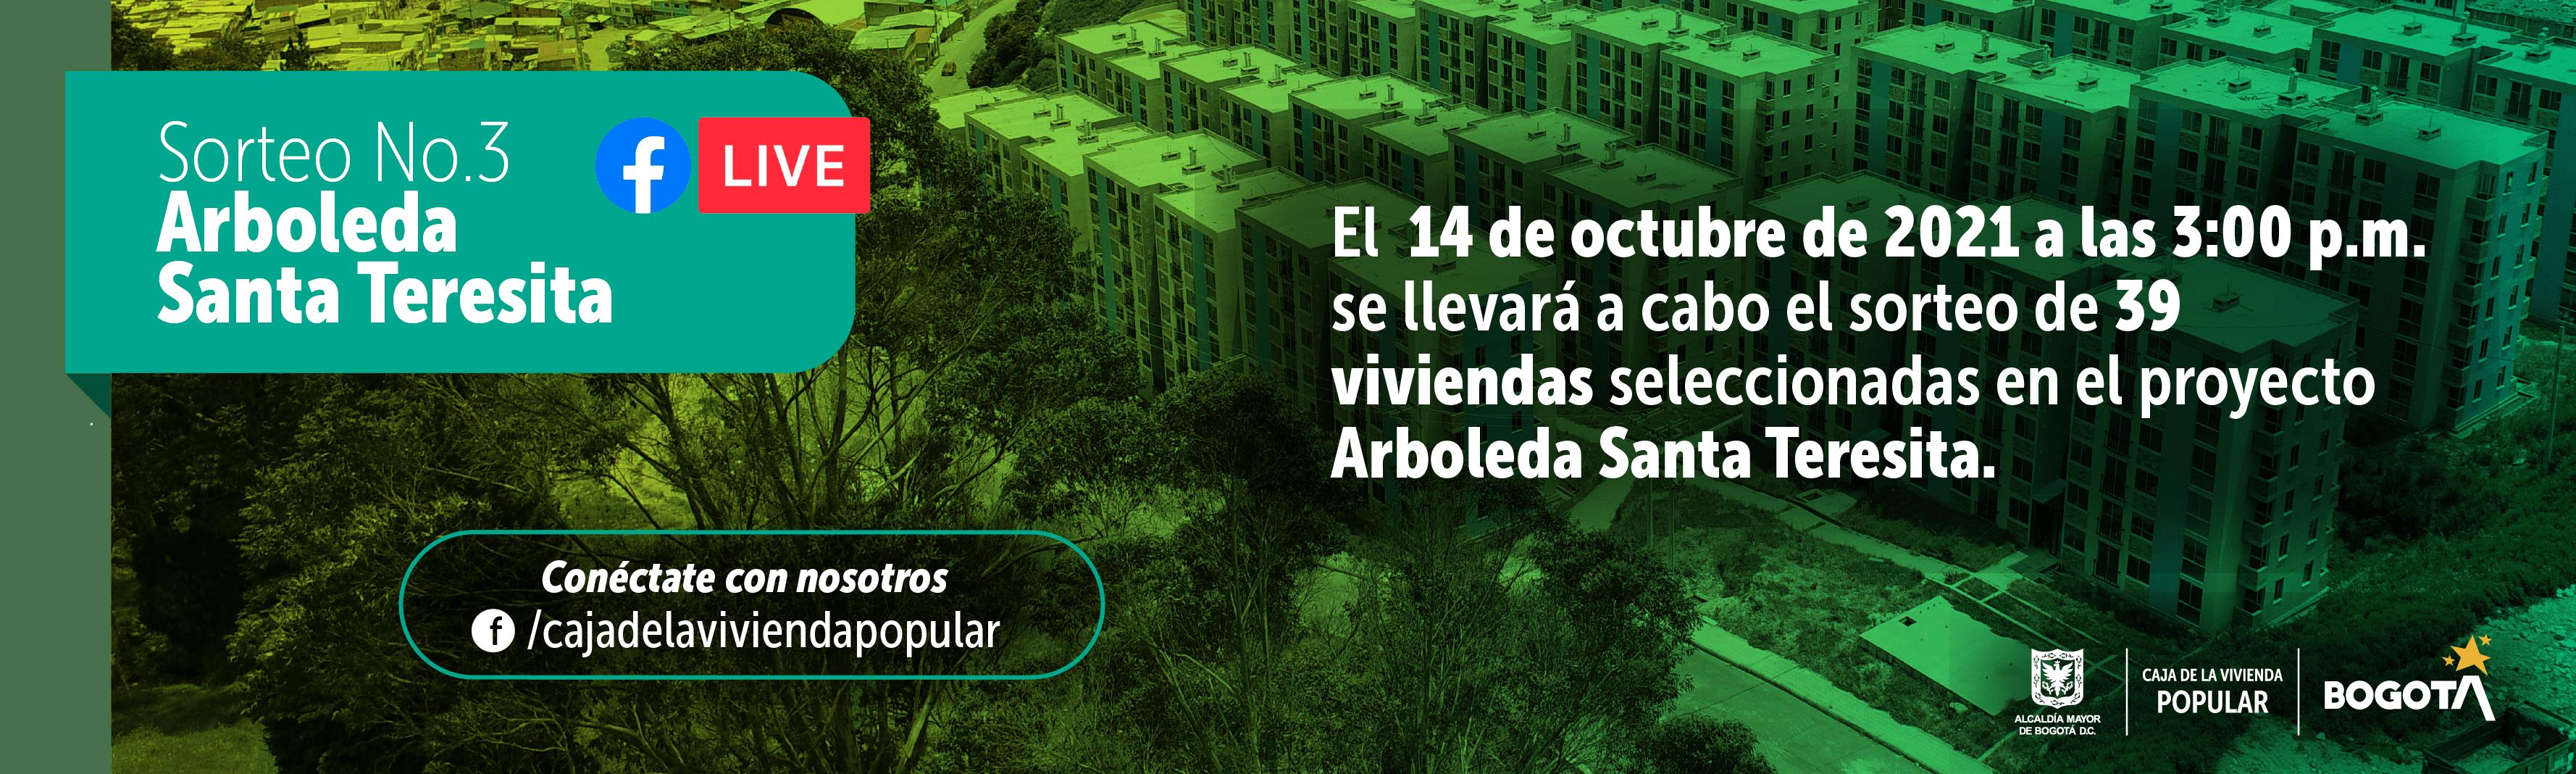 Invitación y conexión Facebook Live Sorteo No. 03  de unidades habitacionales Arboleda Santa Teresita jueves 14 de octubre de 2021 hora 3 de la tarde